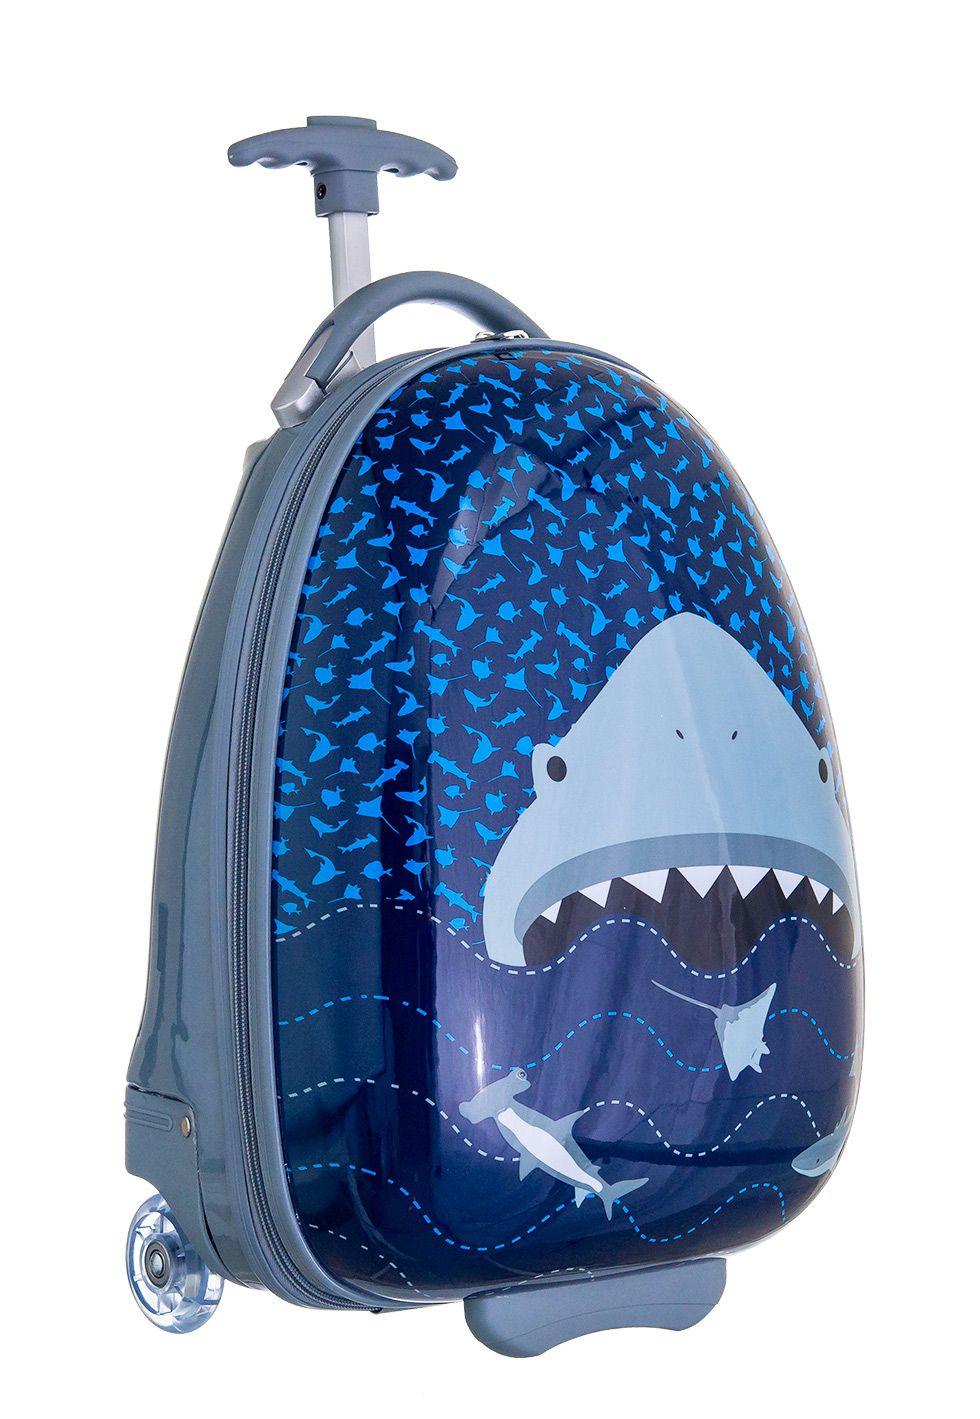 Mochila Rígida Dura Infantil Mala Viagem ABS Shark Tubarão